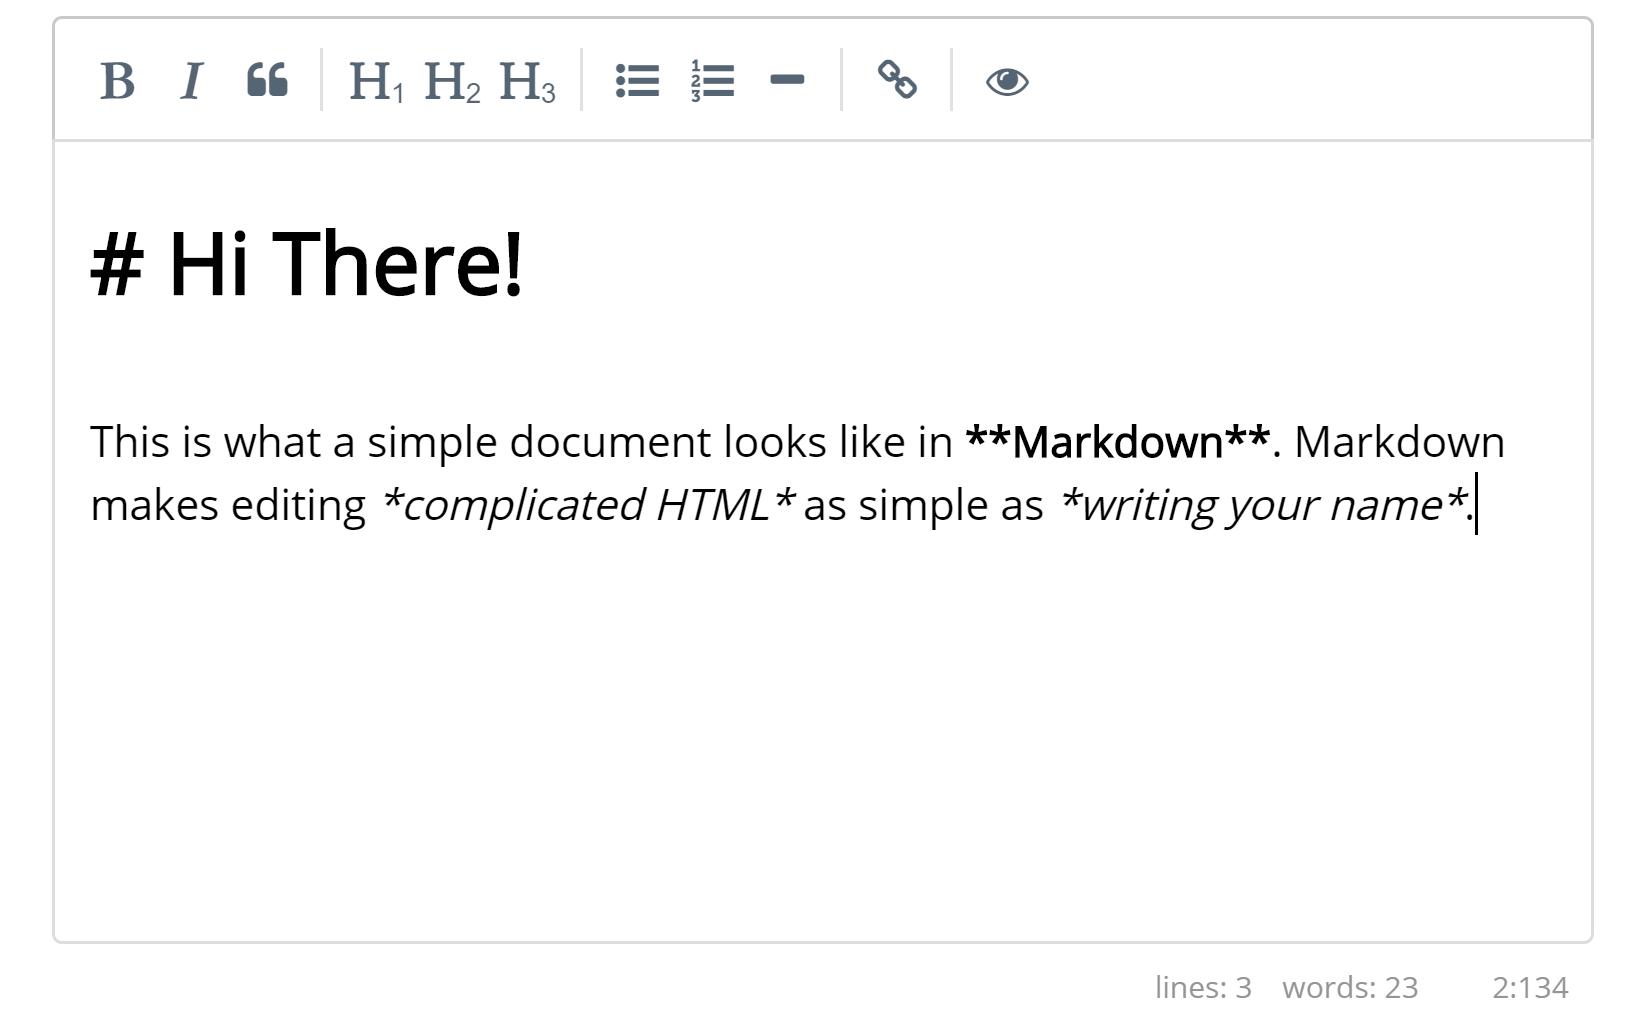 मार्कडाउन HTML में संपादित करें